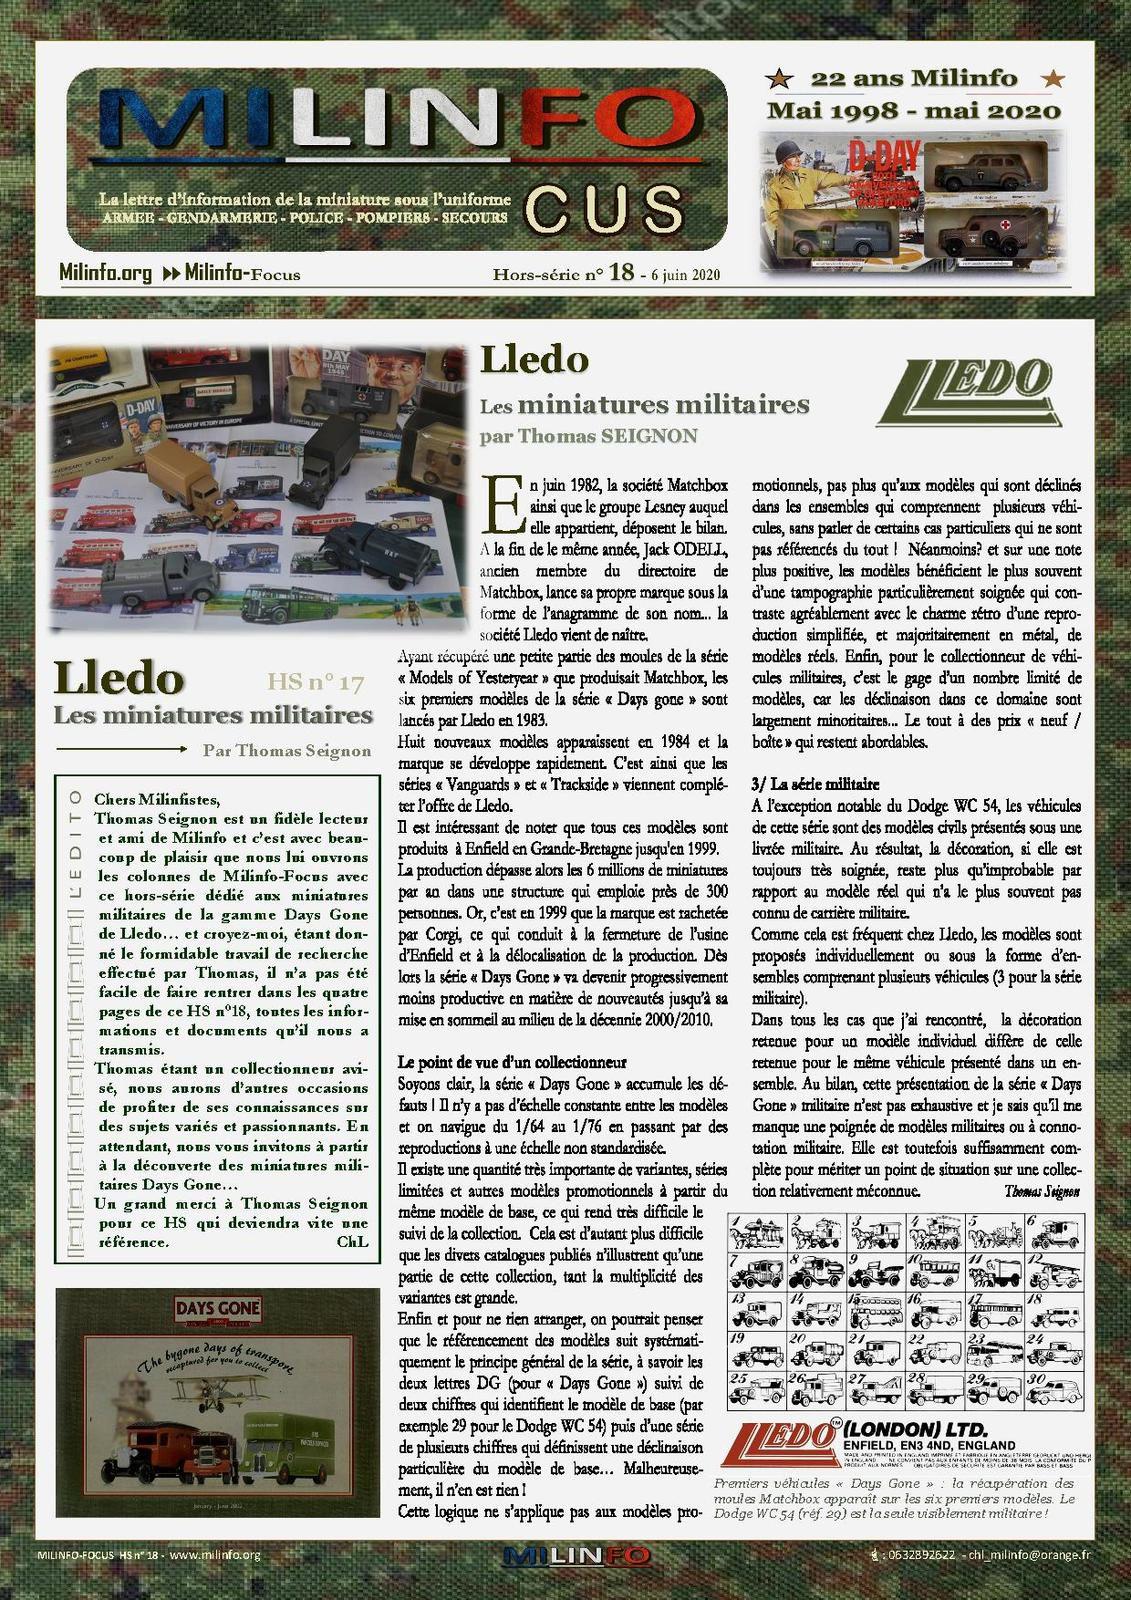 Milinfo-Focus hors-série n° 18 : les miniatures militaires Lledo (par Thomas Seignon)